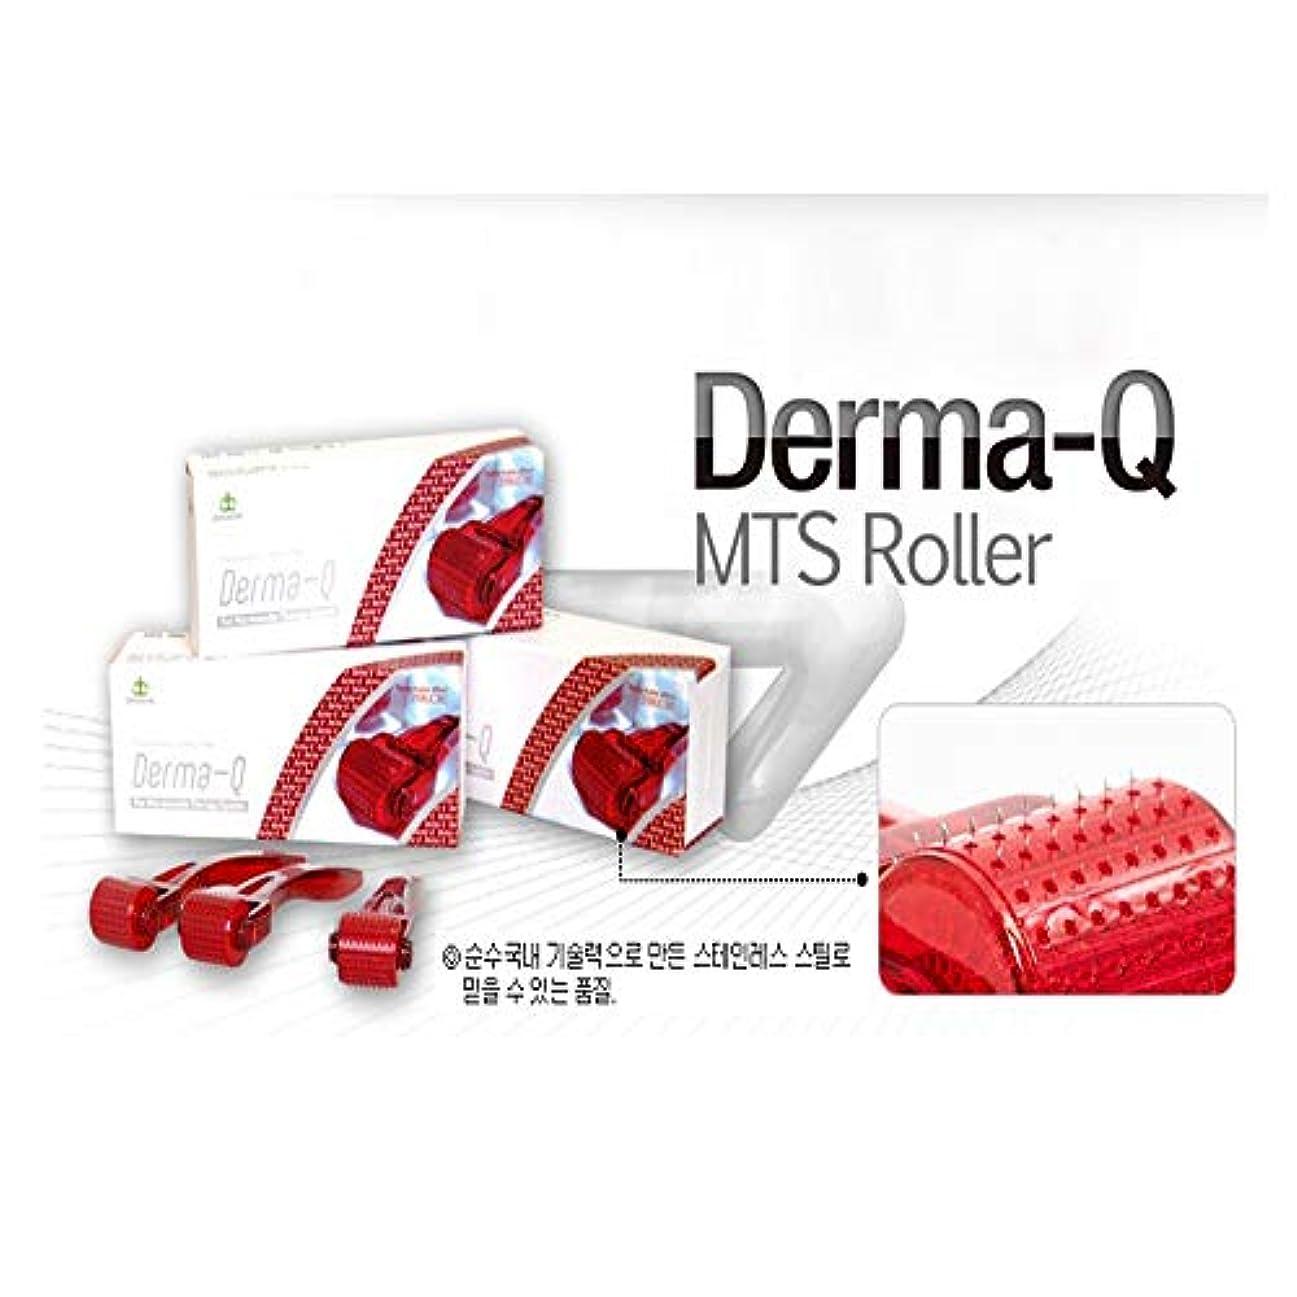 近代化同時古くなったDong Bang MTS Derma 美肌 ミニ針 治療スキンケアツール - 0.25mm*0.3mm/0.5mm/1.0mm/1.5mm/2.0mm ローラー美顔器 (0.25*1.5mm)